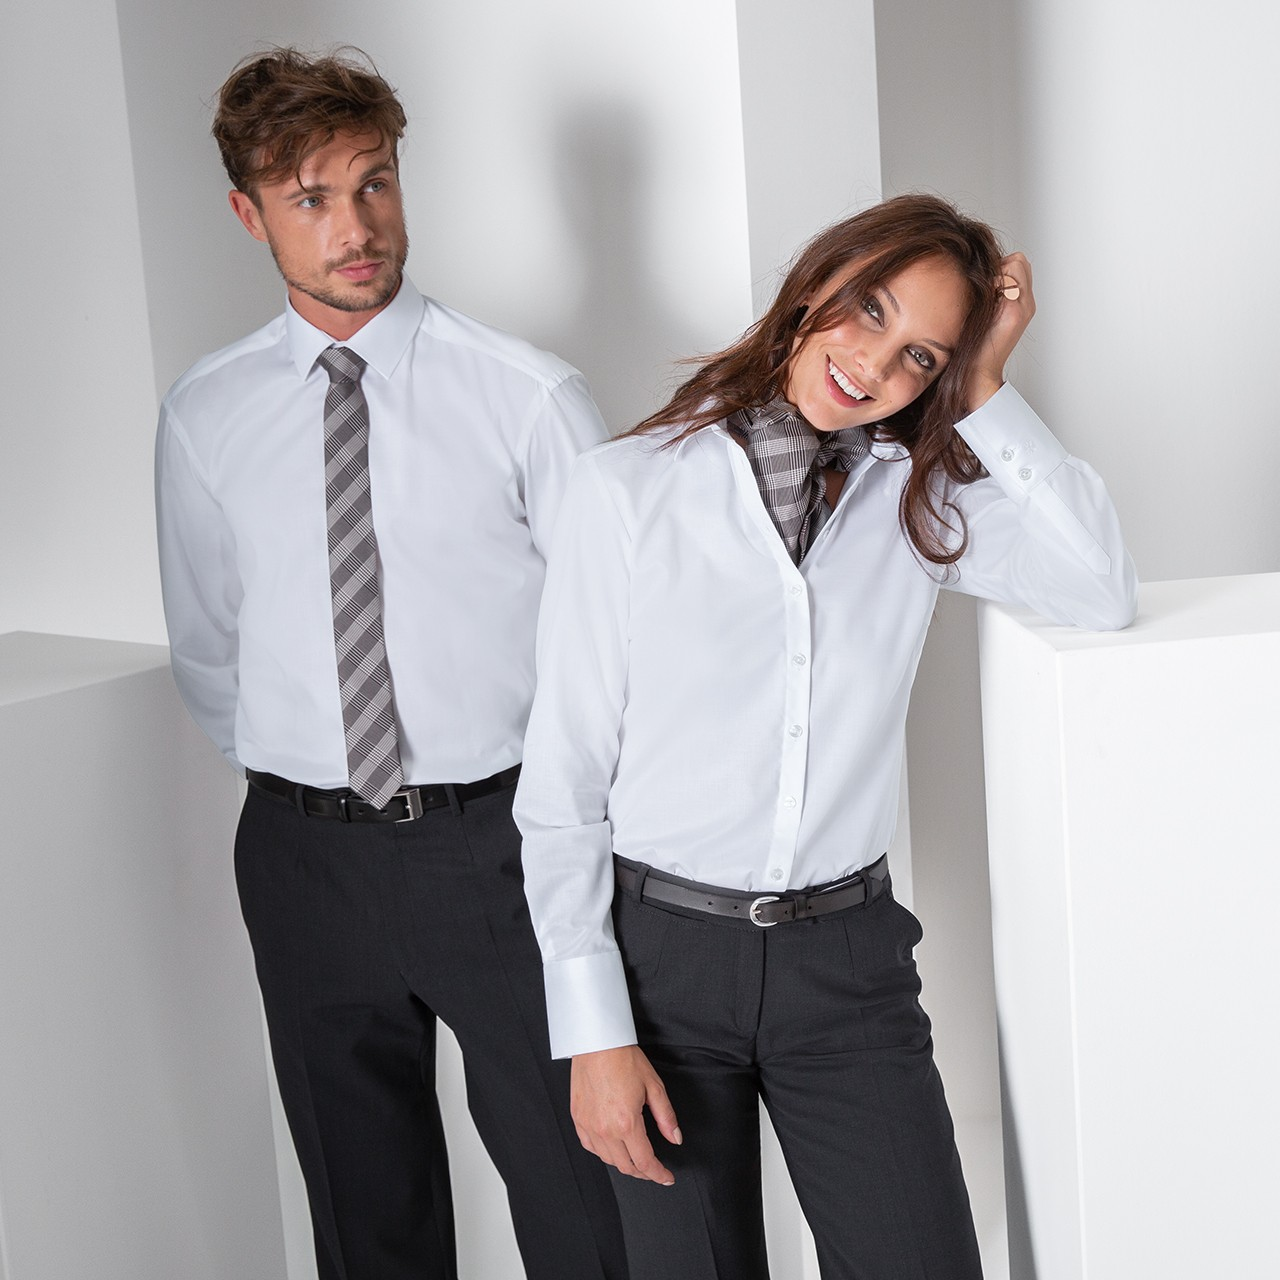 Herren-Hemd 1/1 CF Premium Weiss Greiff® | bedrucken, besticken, bedrucken lassen, besticken lassen, mit Logo |